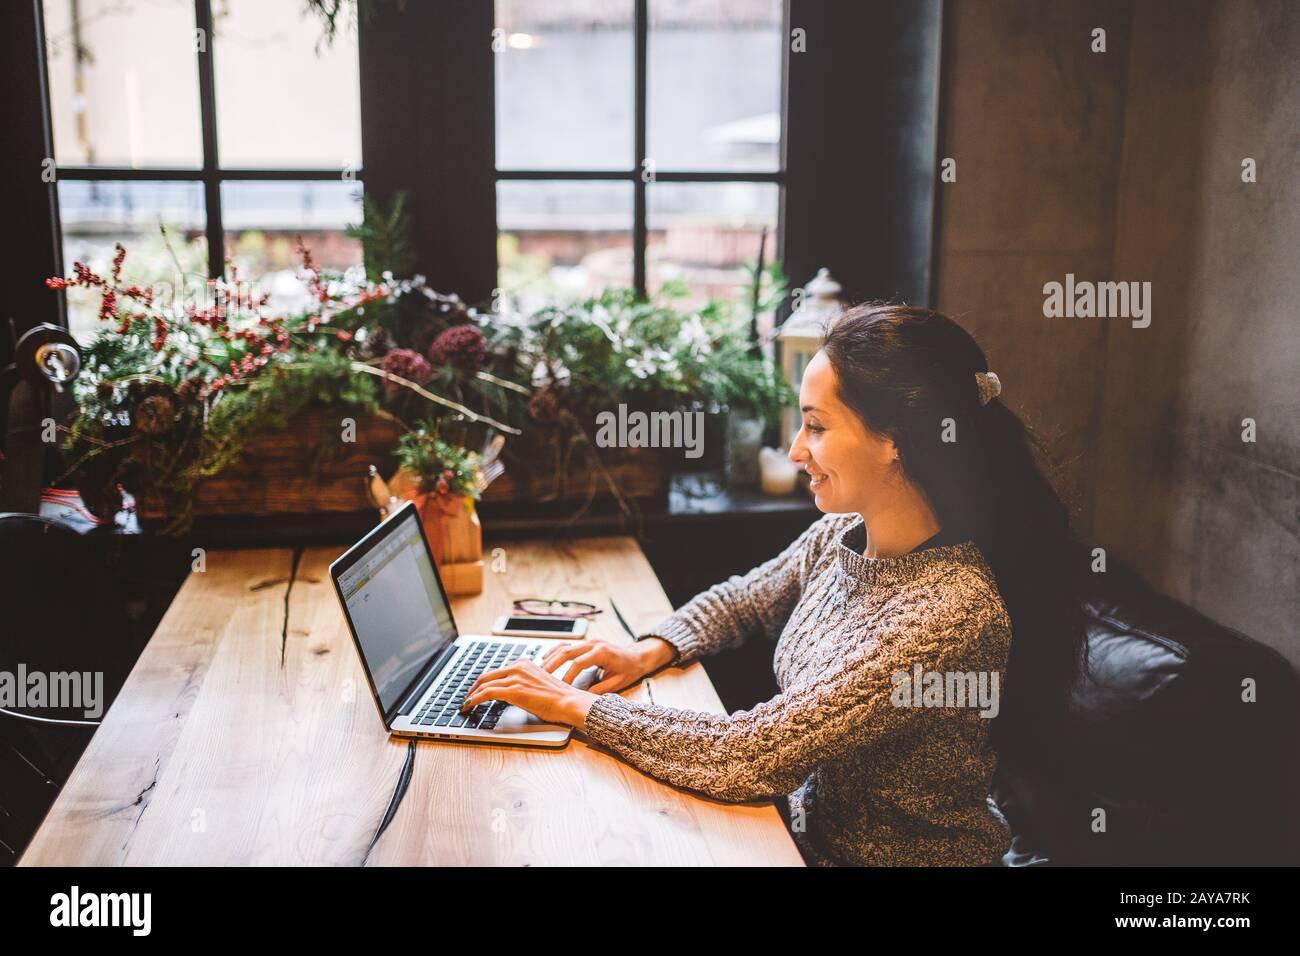 hermosa mujer joven morena usando un ordenador portátil en una cafetería en una mesa de madera cerca de la ventana escribiendo texto en un teclado. En invierno, Foto de stock